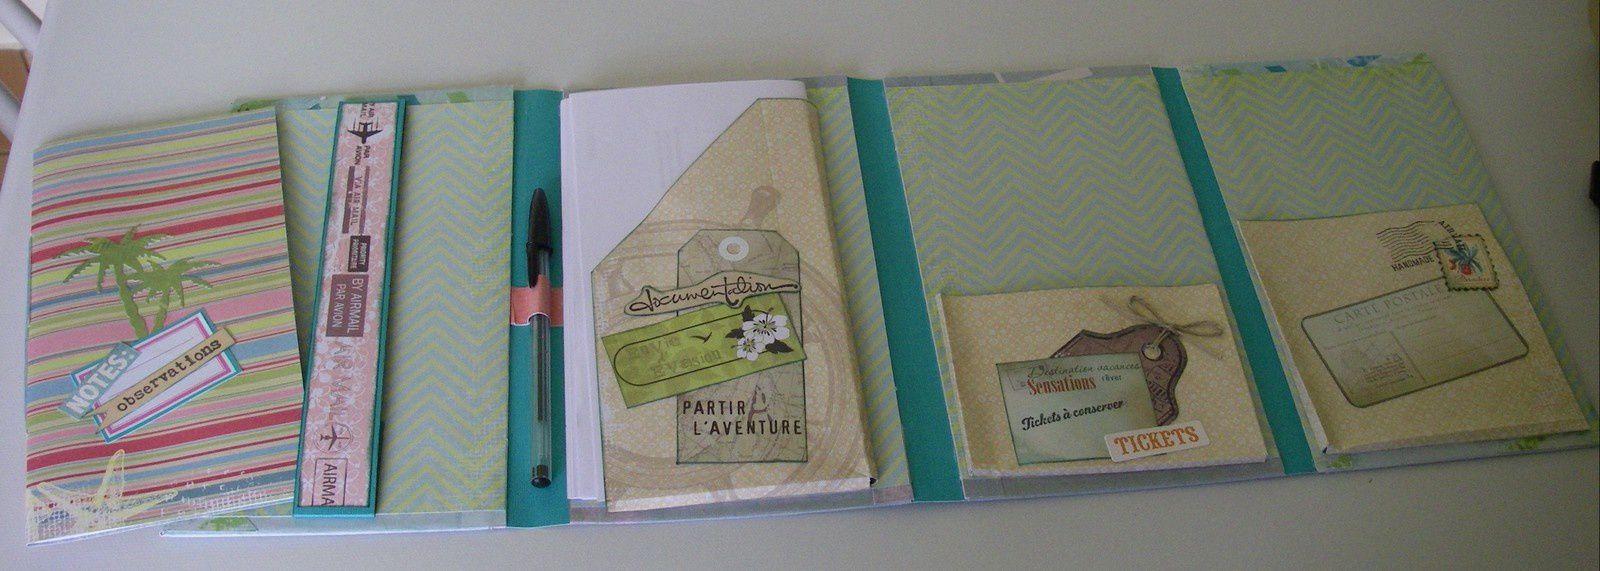 Contenant, entre autres, un Carnet de notes amovible qui pourra être glissé dans le sac de voyage.